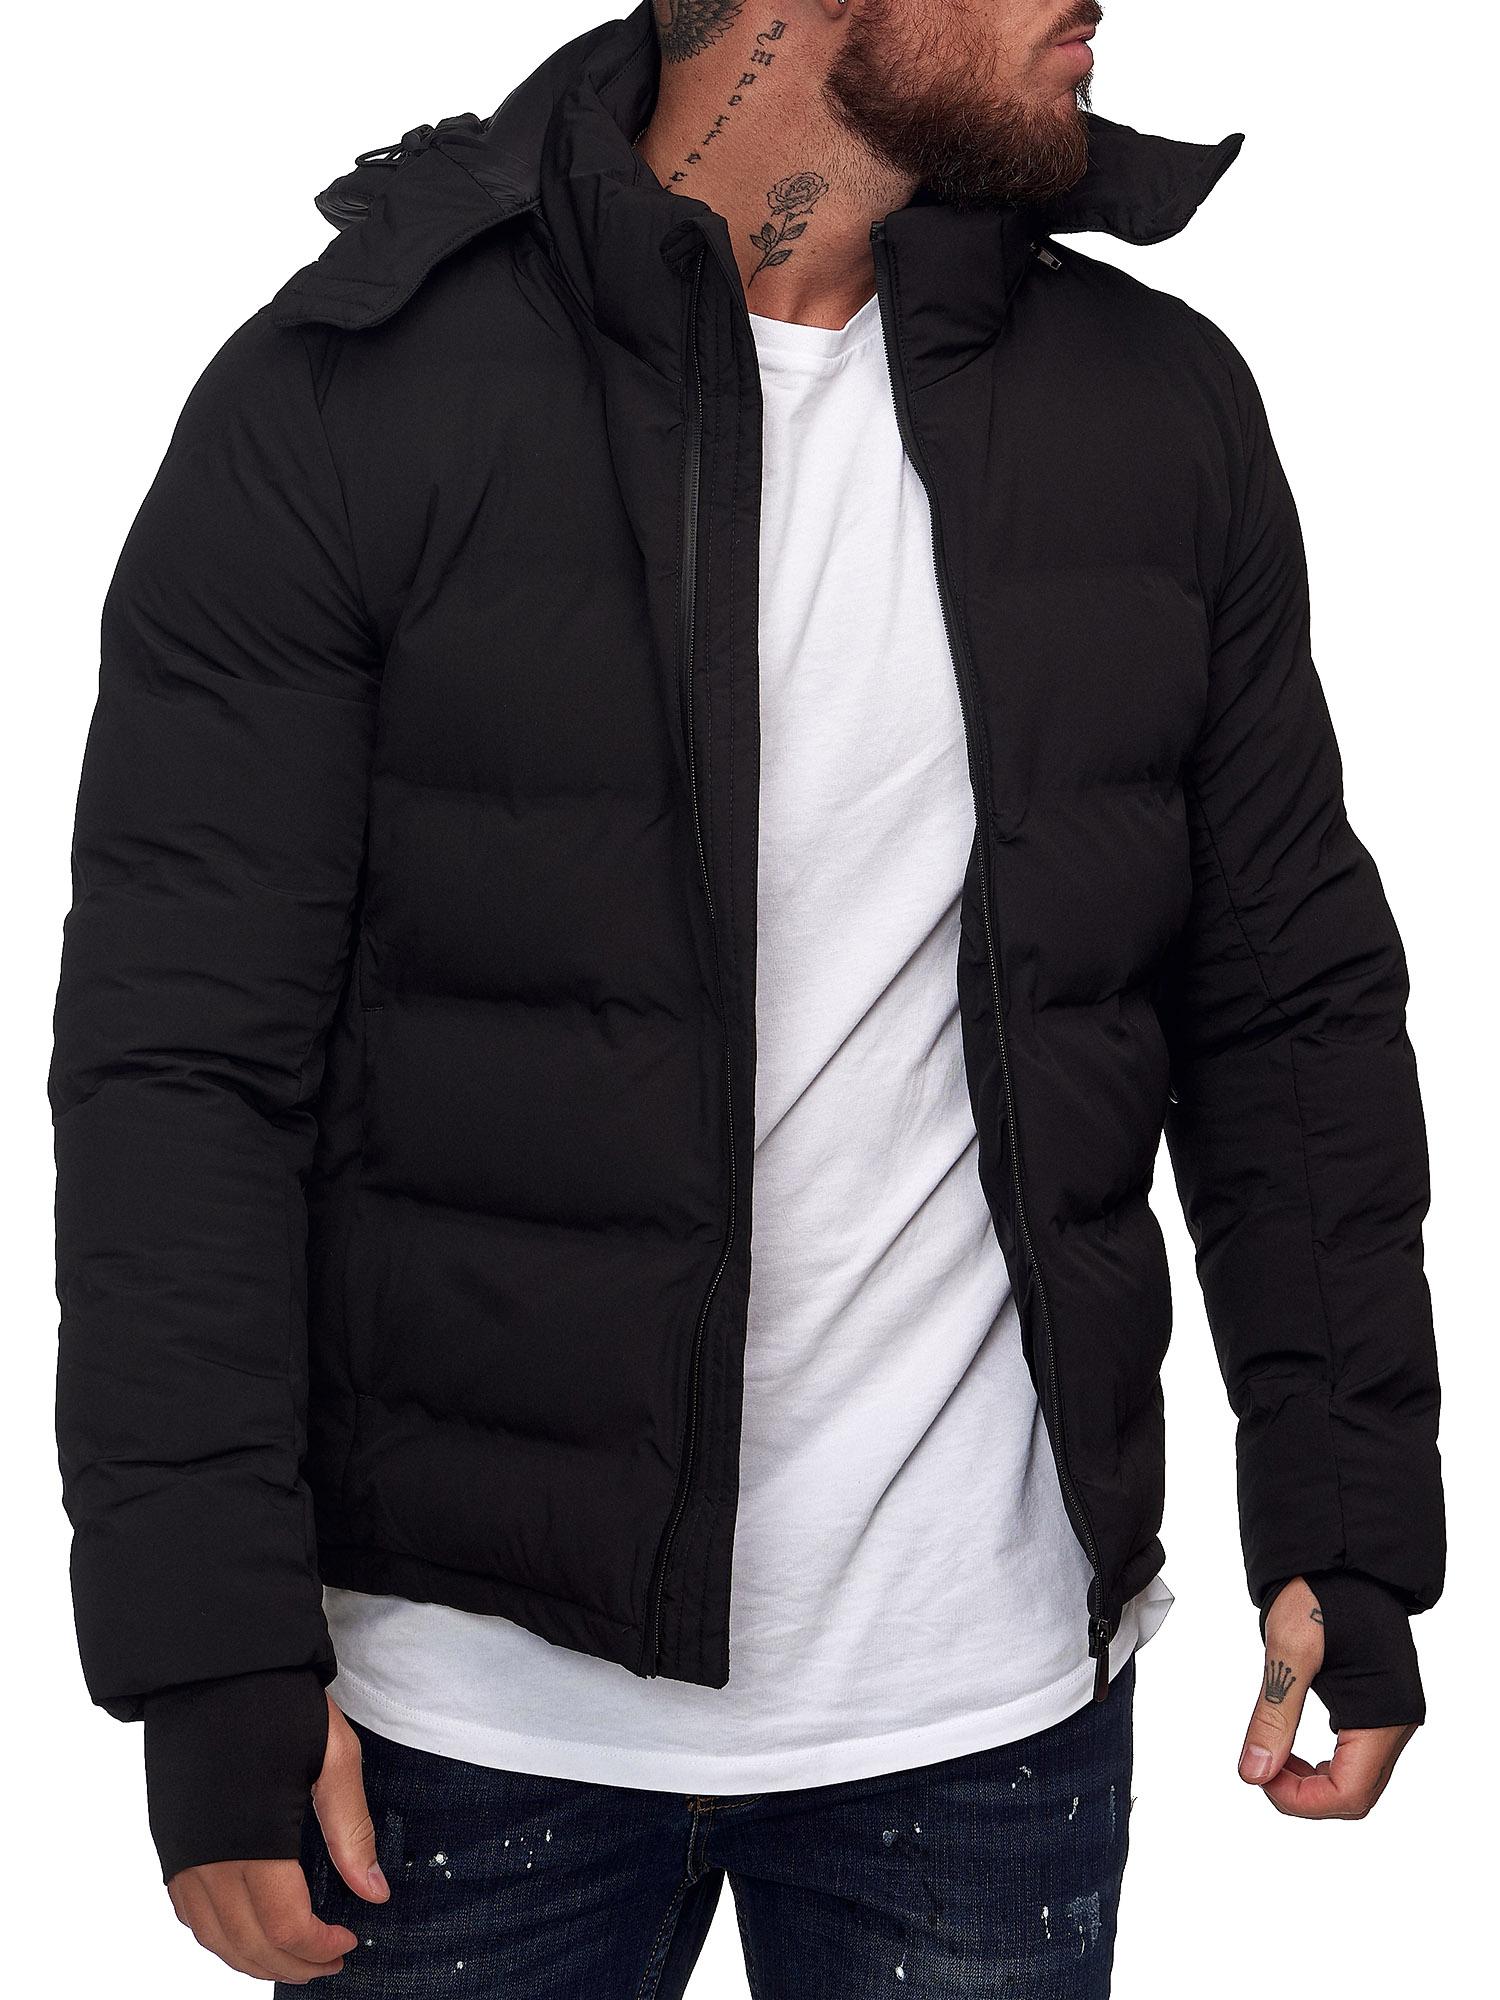 herren jacken and mantel herren jacke mantel winterjacke steppjacke   bergangsjacke 27227st  herren jacke mantel winterjacke